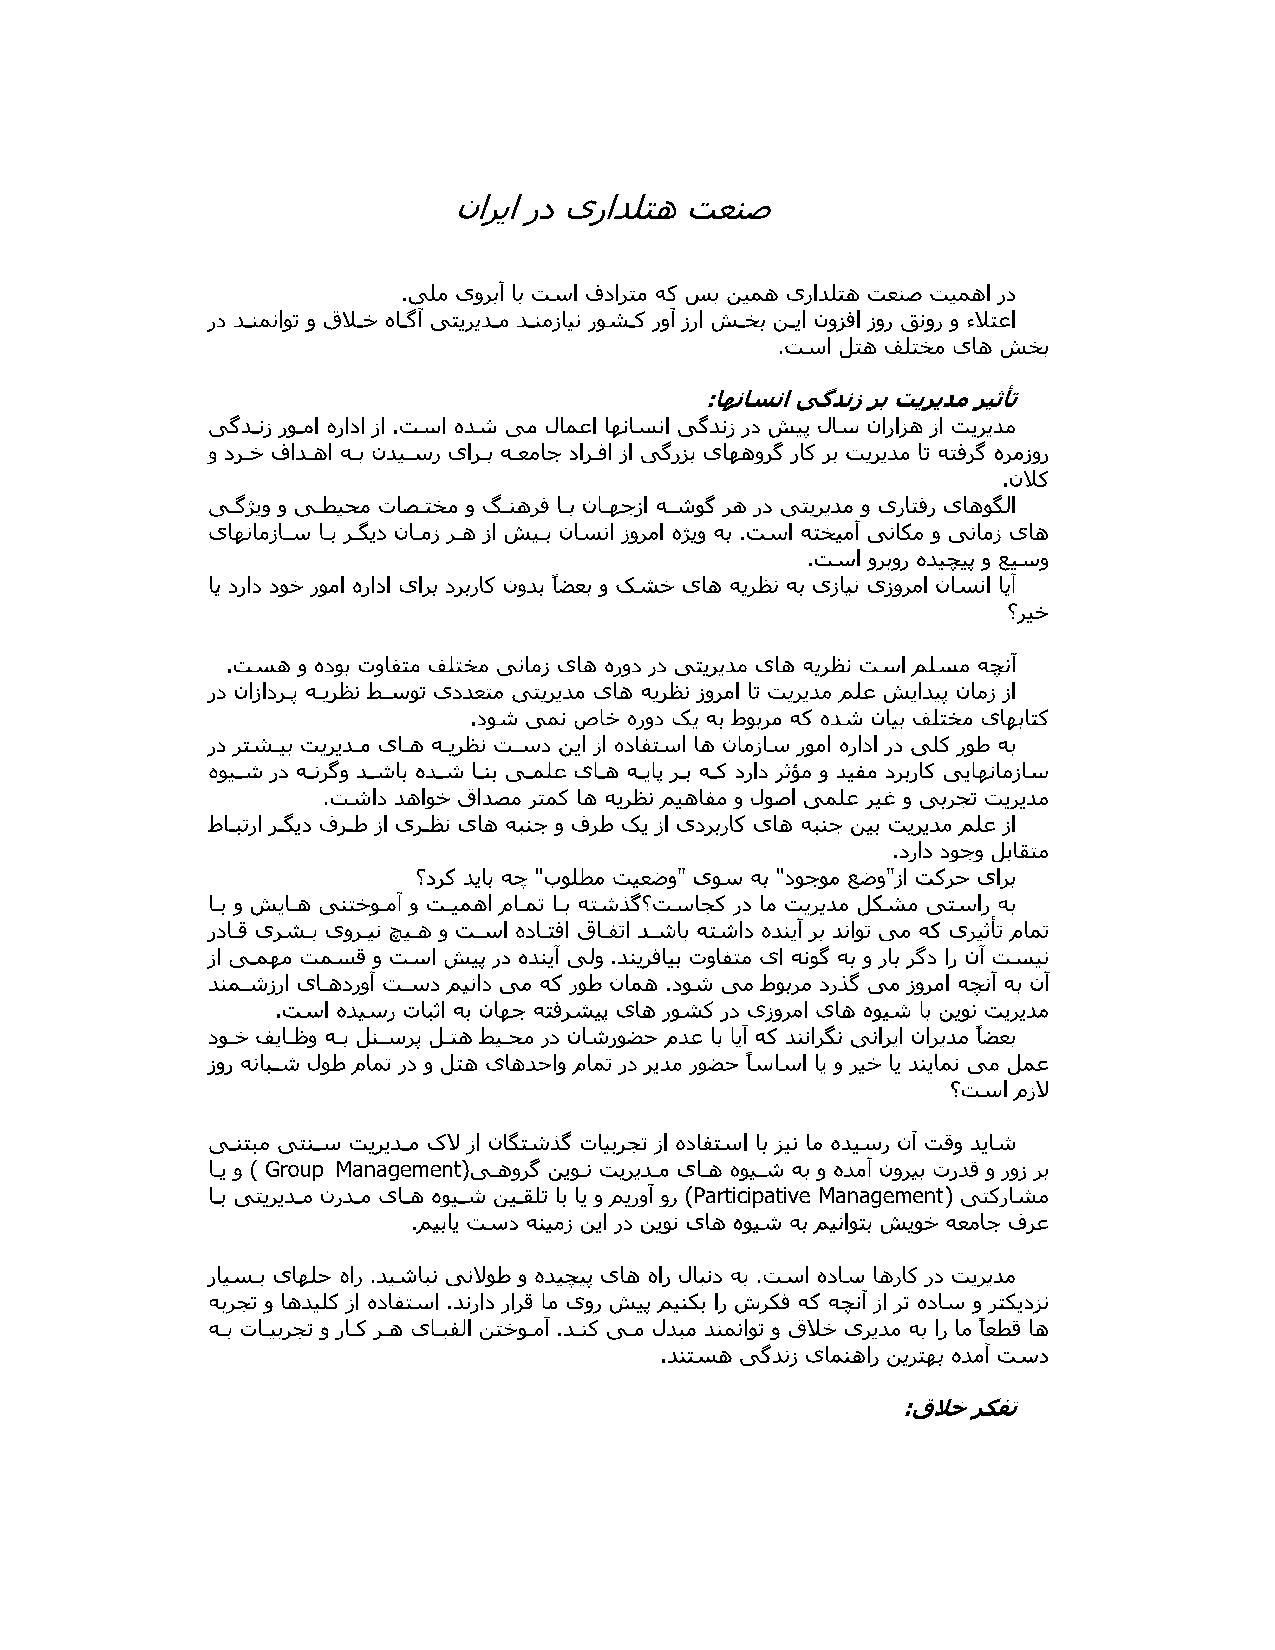 ترجمه مقاله و تحقیق - صنعت هتلداری در ایران9